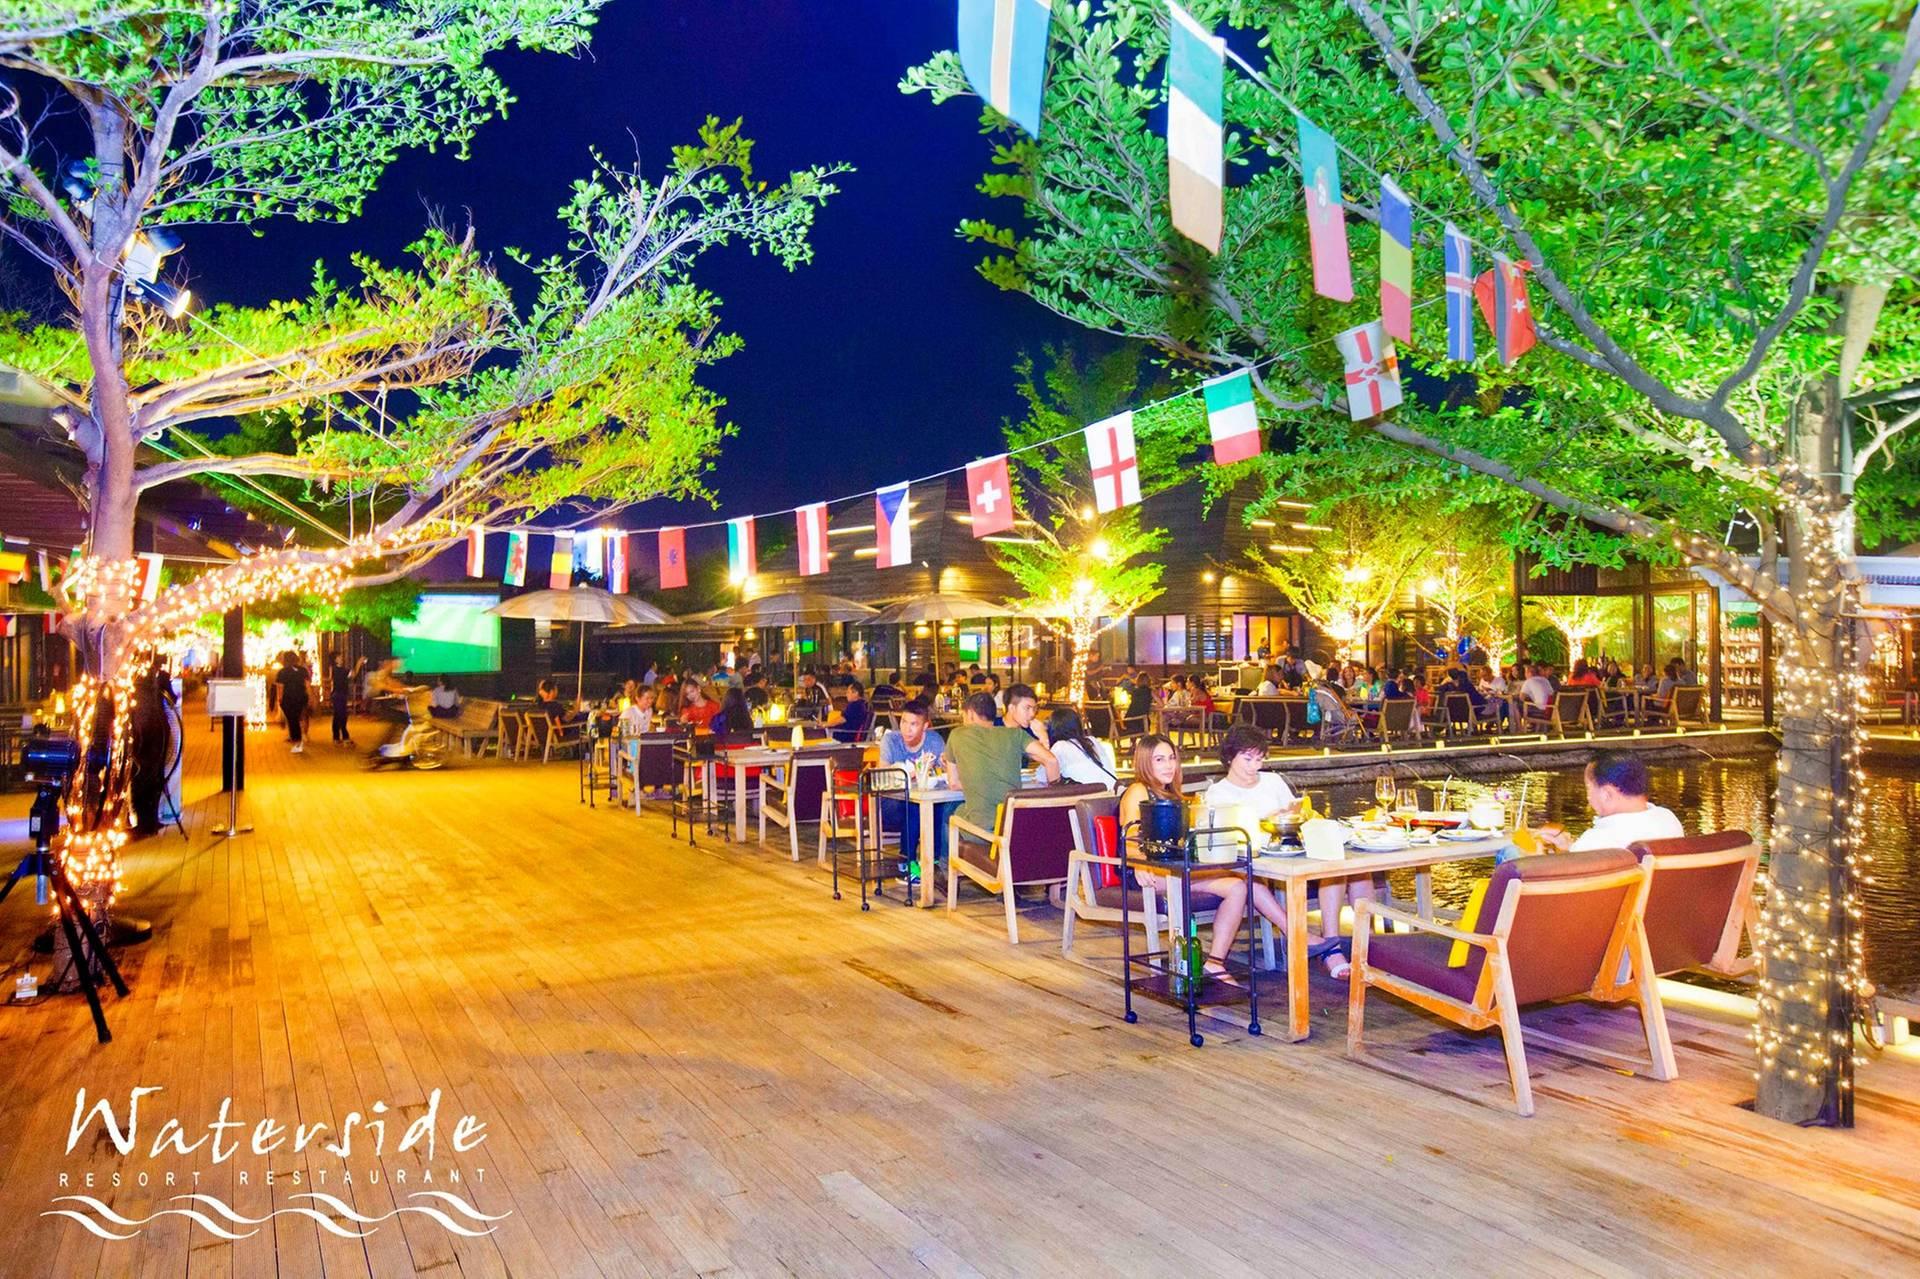 Waterside Karaoke Restaurant เกษตรนวมินทร์